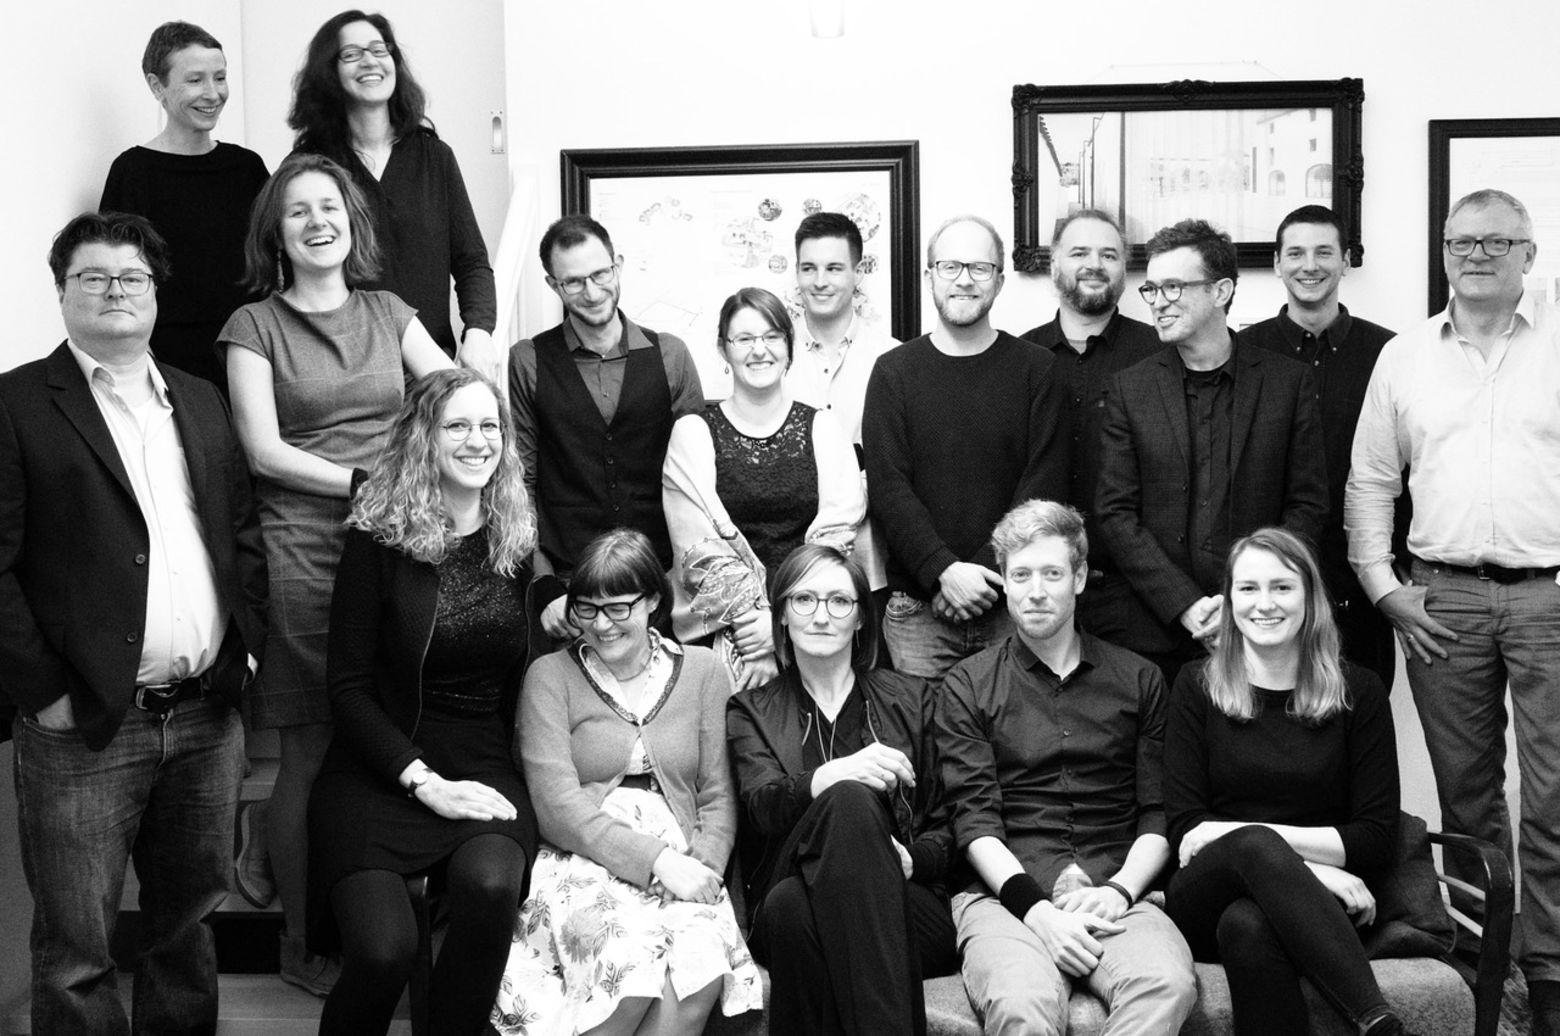 Gruppenfoto der Partner und Mitarbeiter von grabner huber lipp